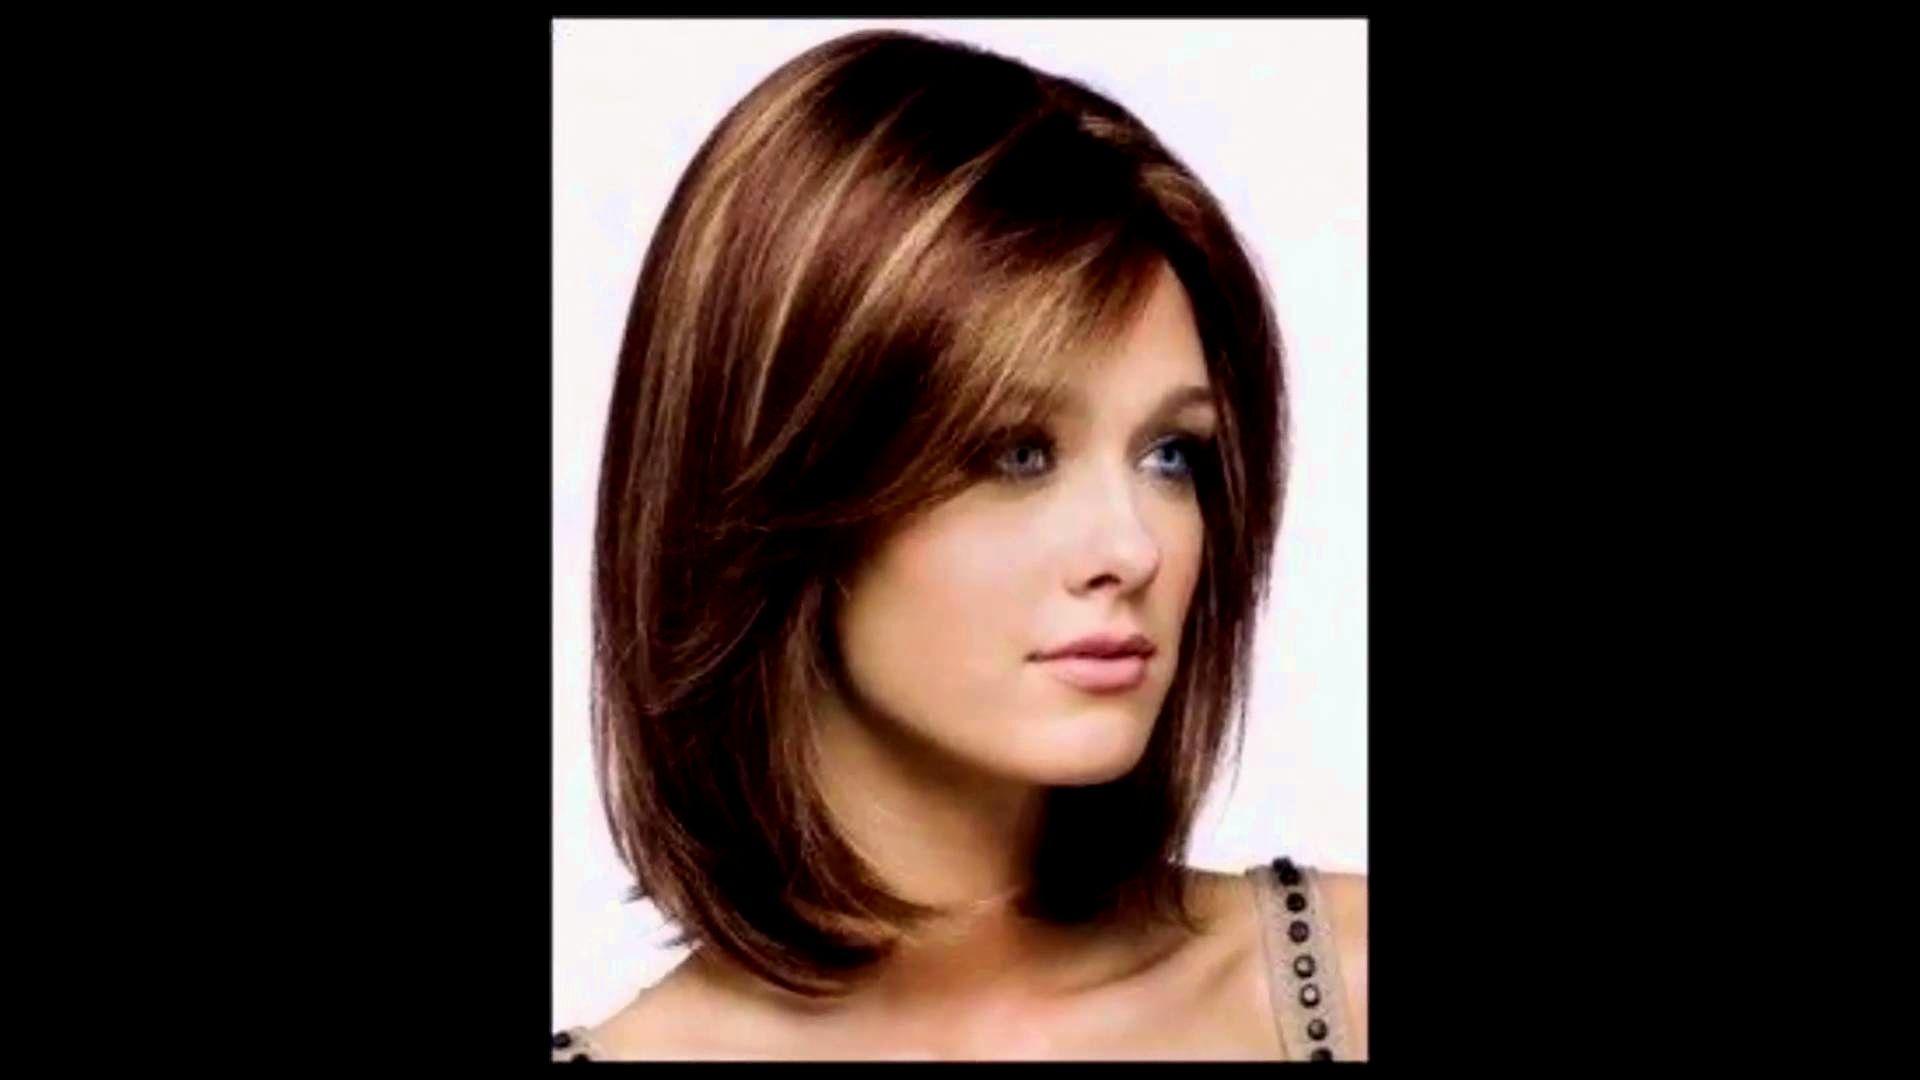 unique corte de cabelo moderno imagem-Fresh Corte De Cabelo Moderno Plano